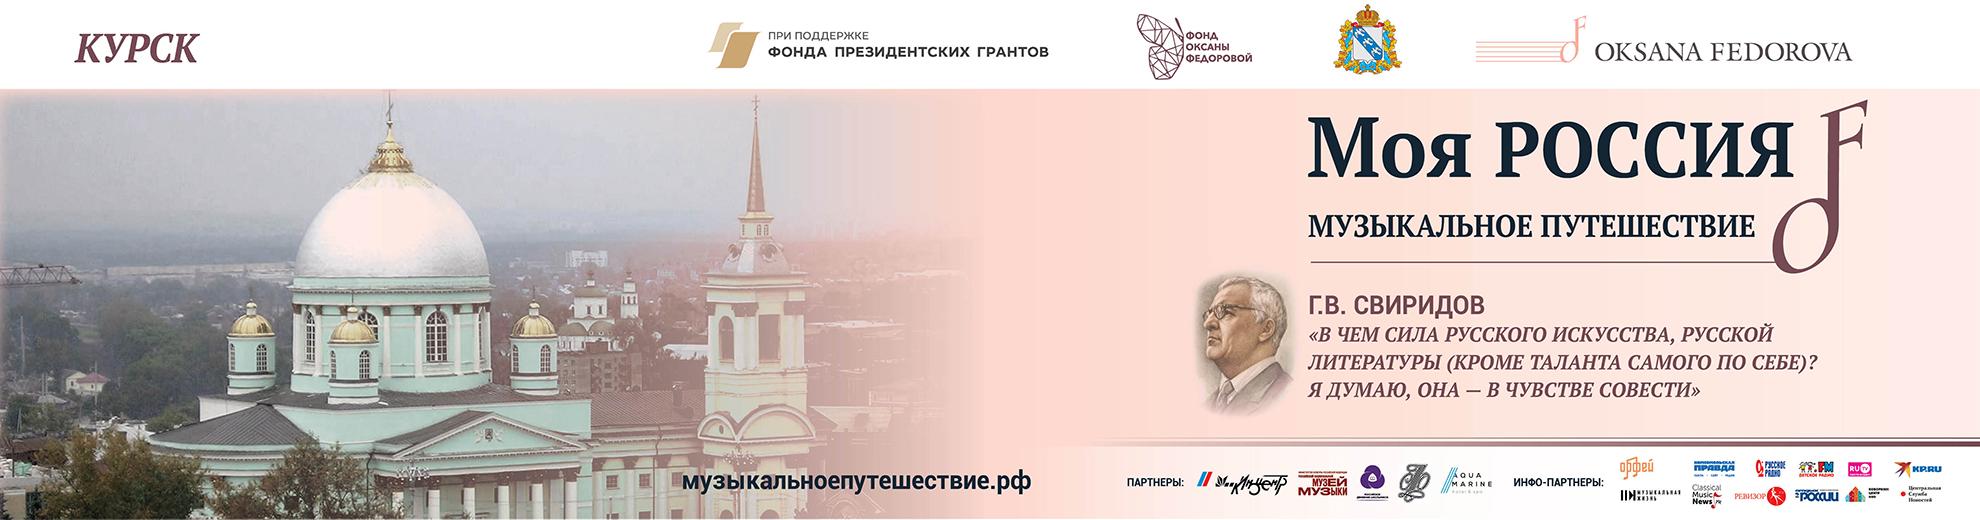 1950_520_Курск_композиторы